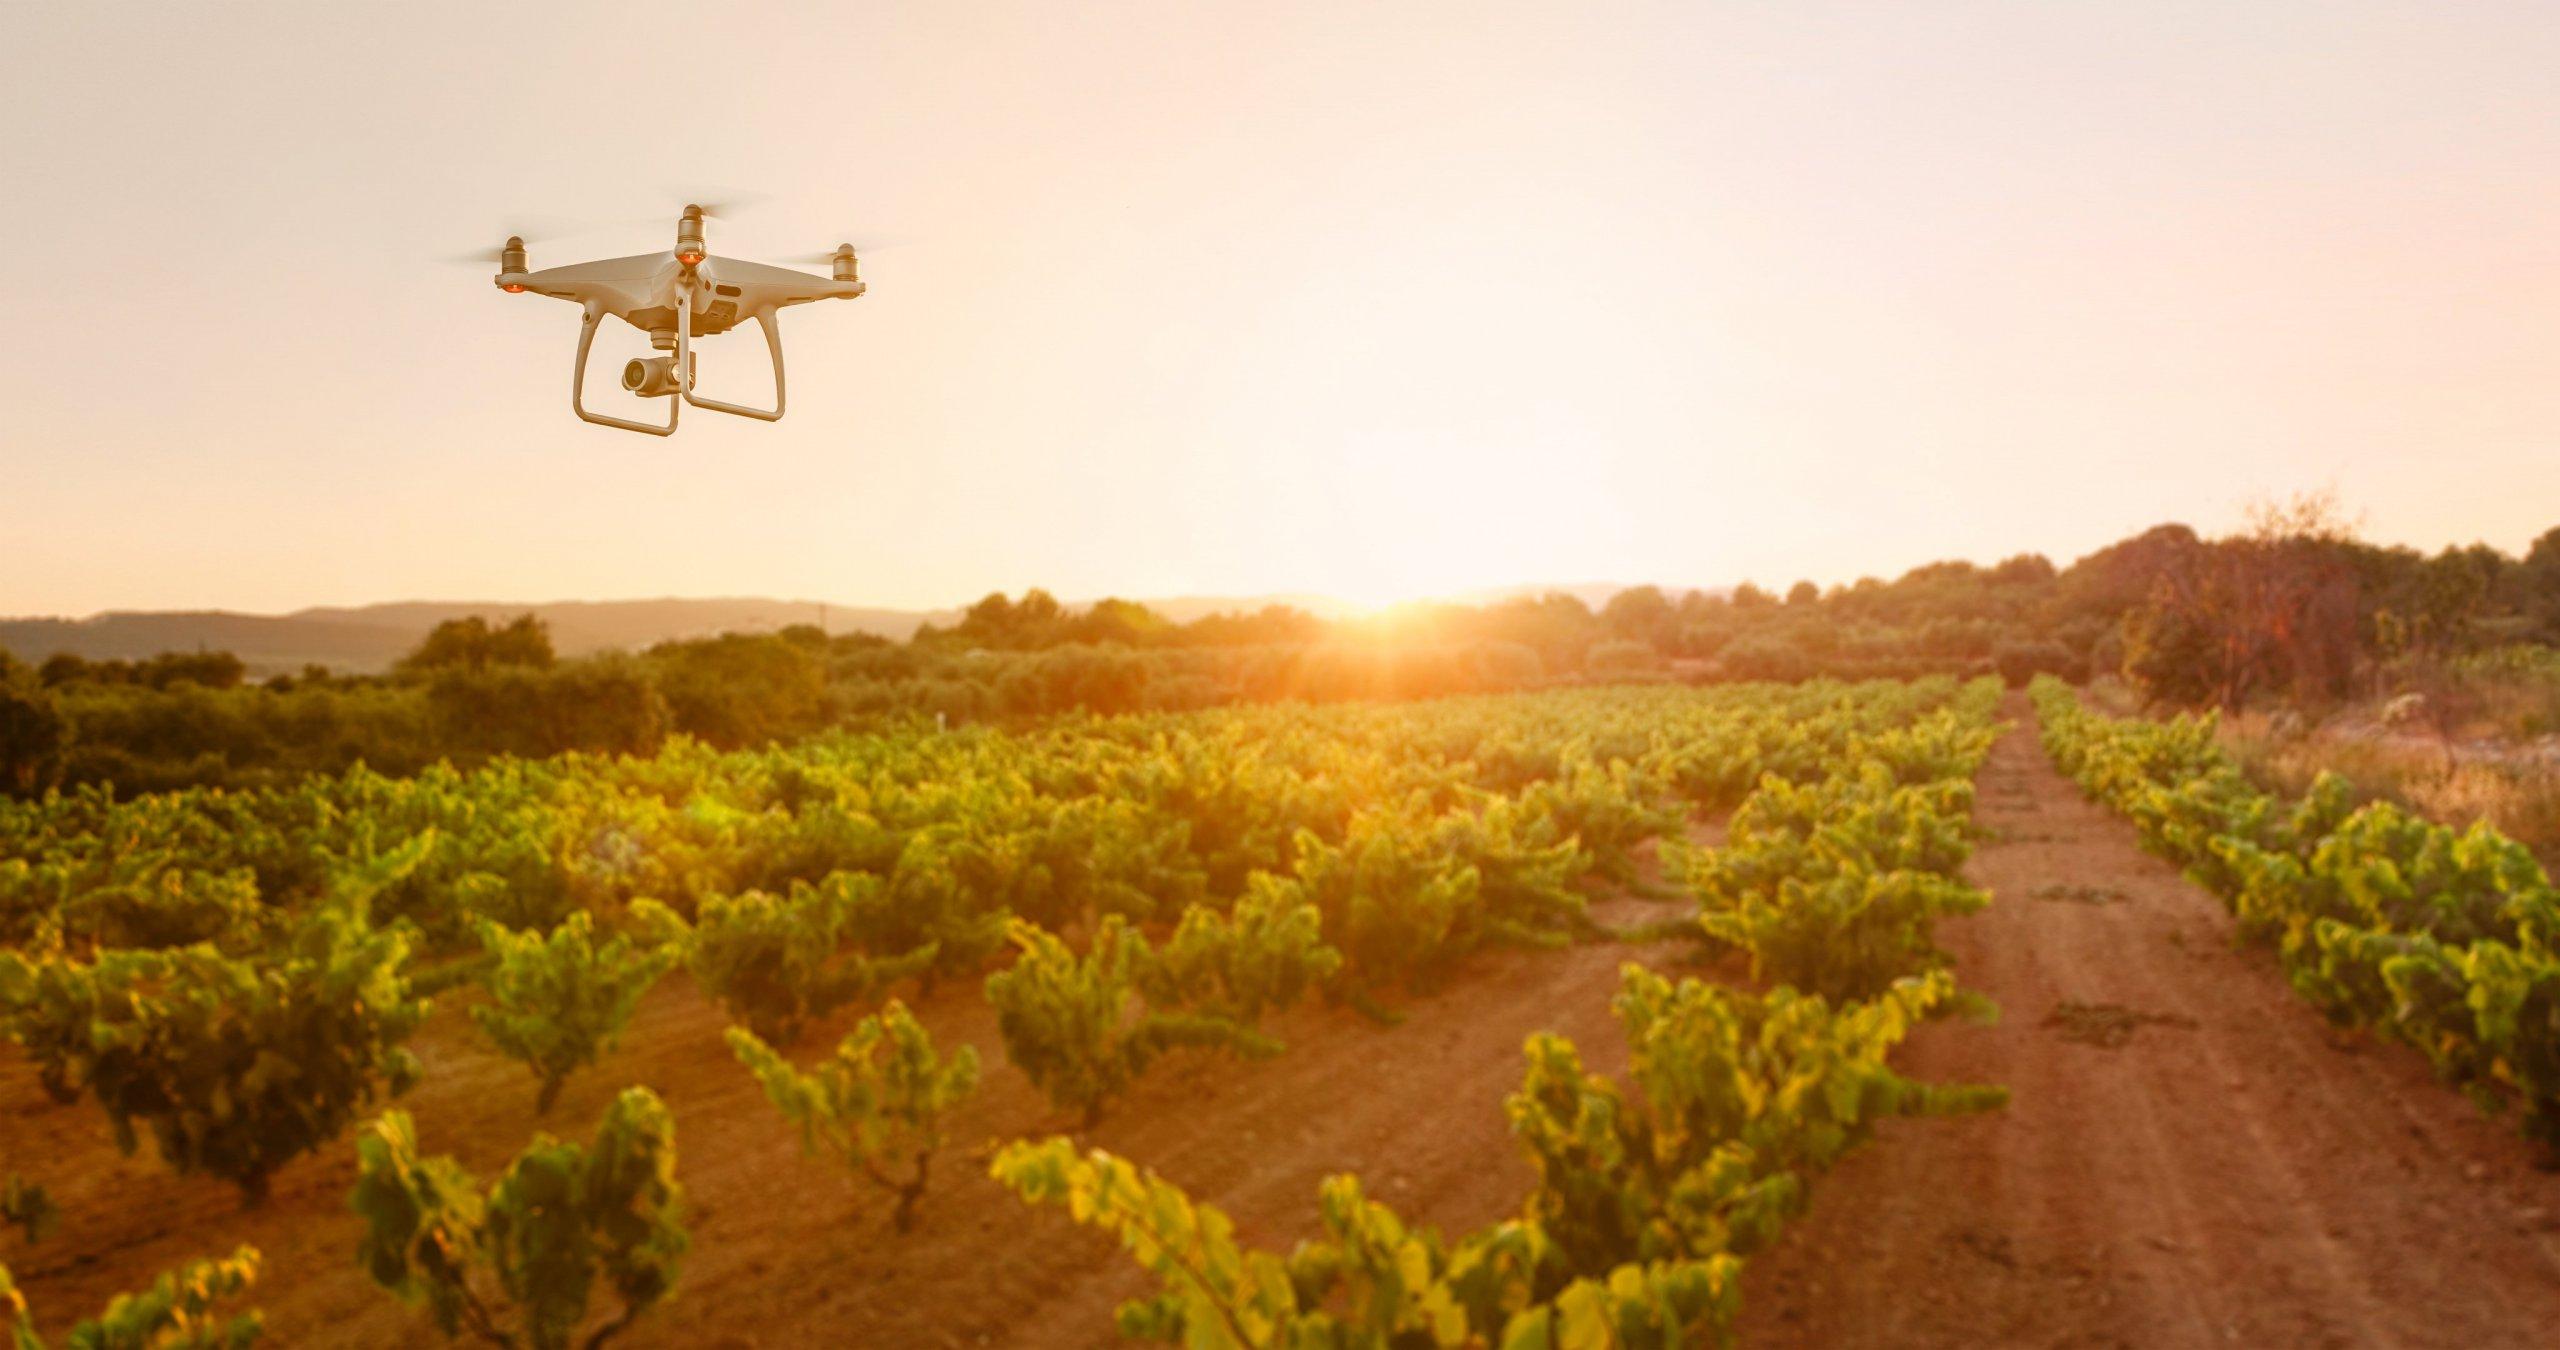 Agtech drone in the open field